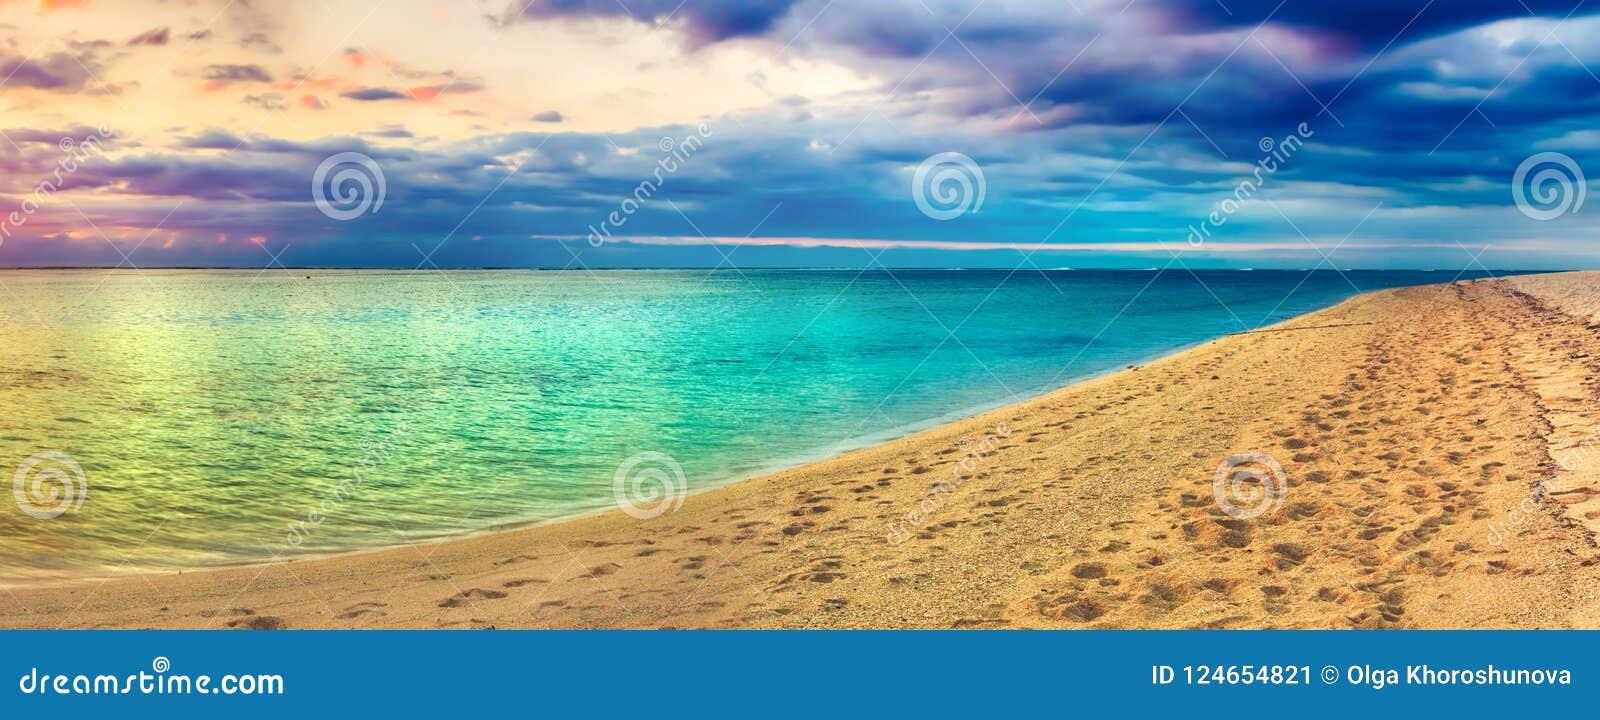 Seaview på solnedgången fantastisk liggande härlig panorama för strand